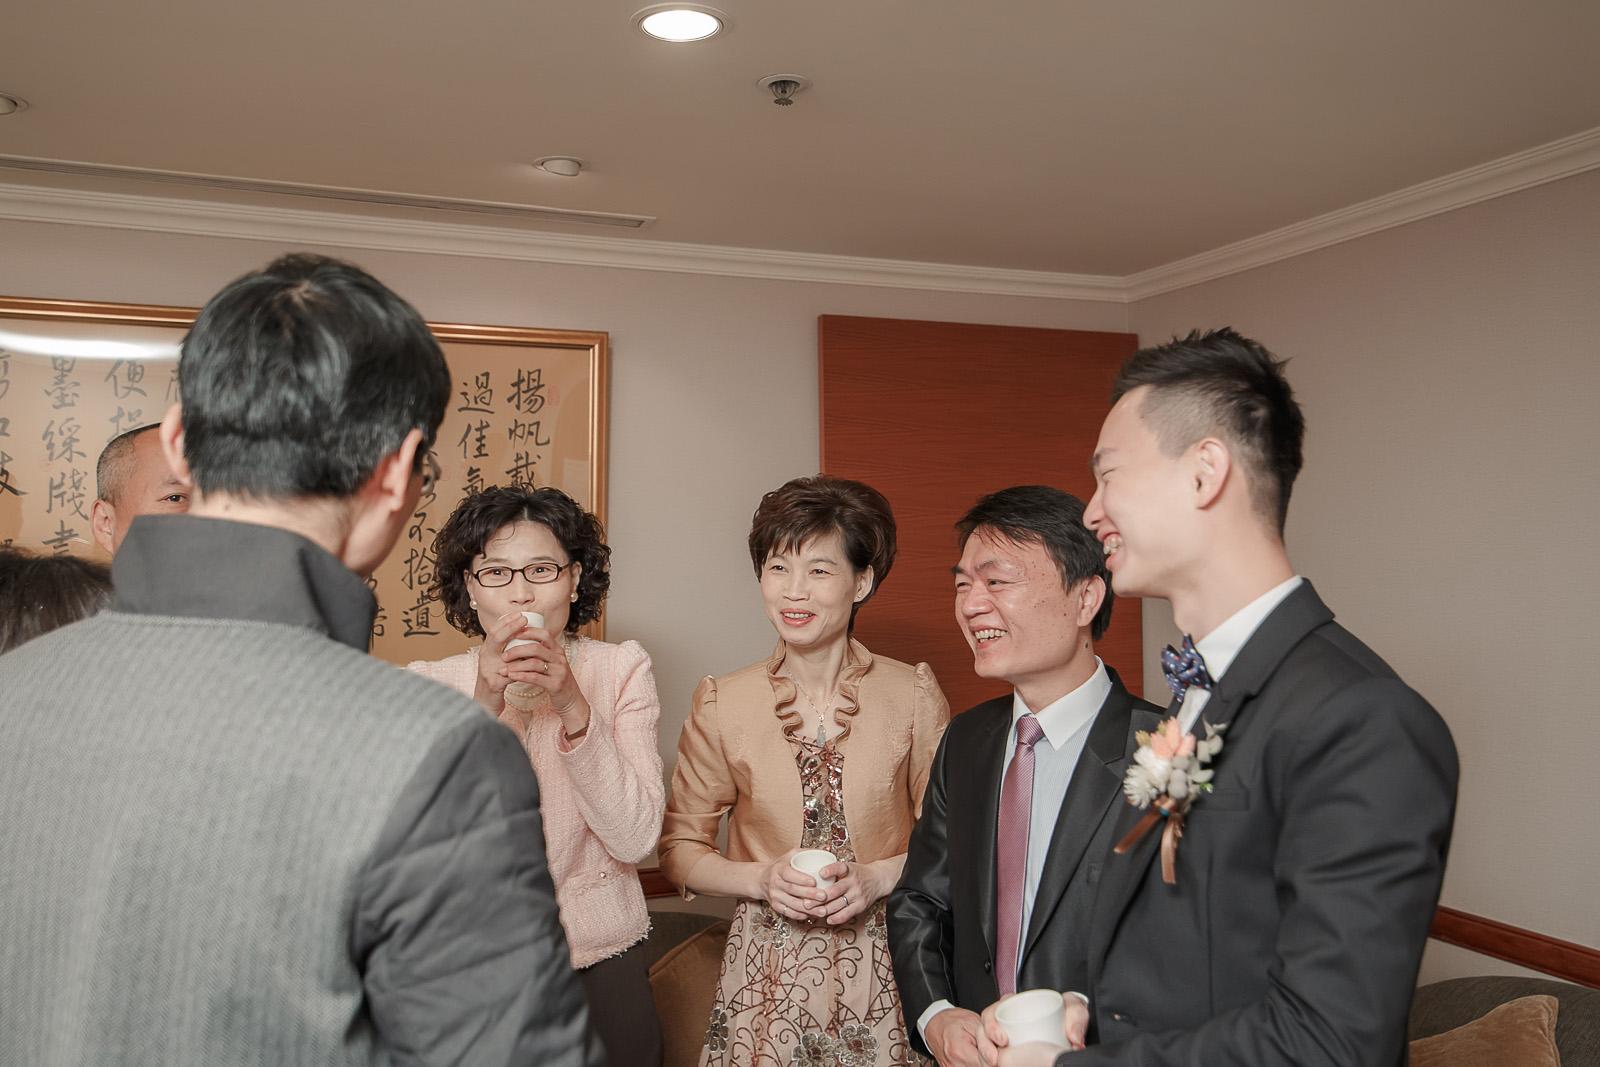 高雄圓山飯店,婚禮攝影,婚攝,高雄婚攝,優質婚攝推薦,Jen&Ethan-023